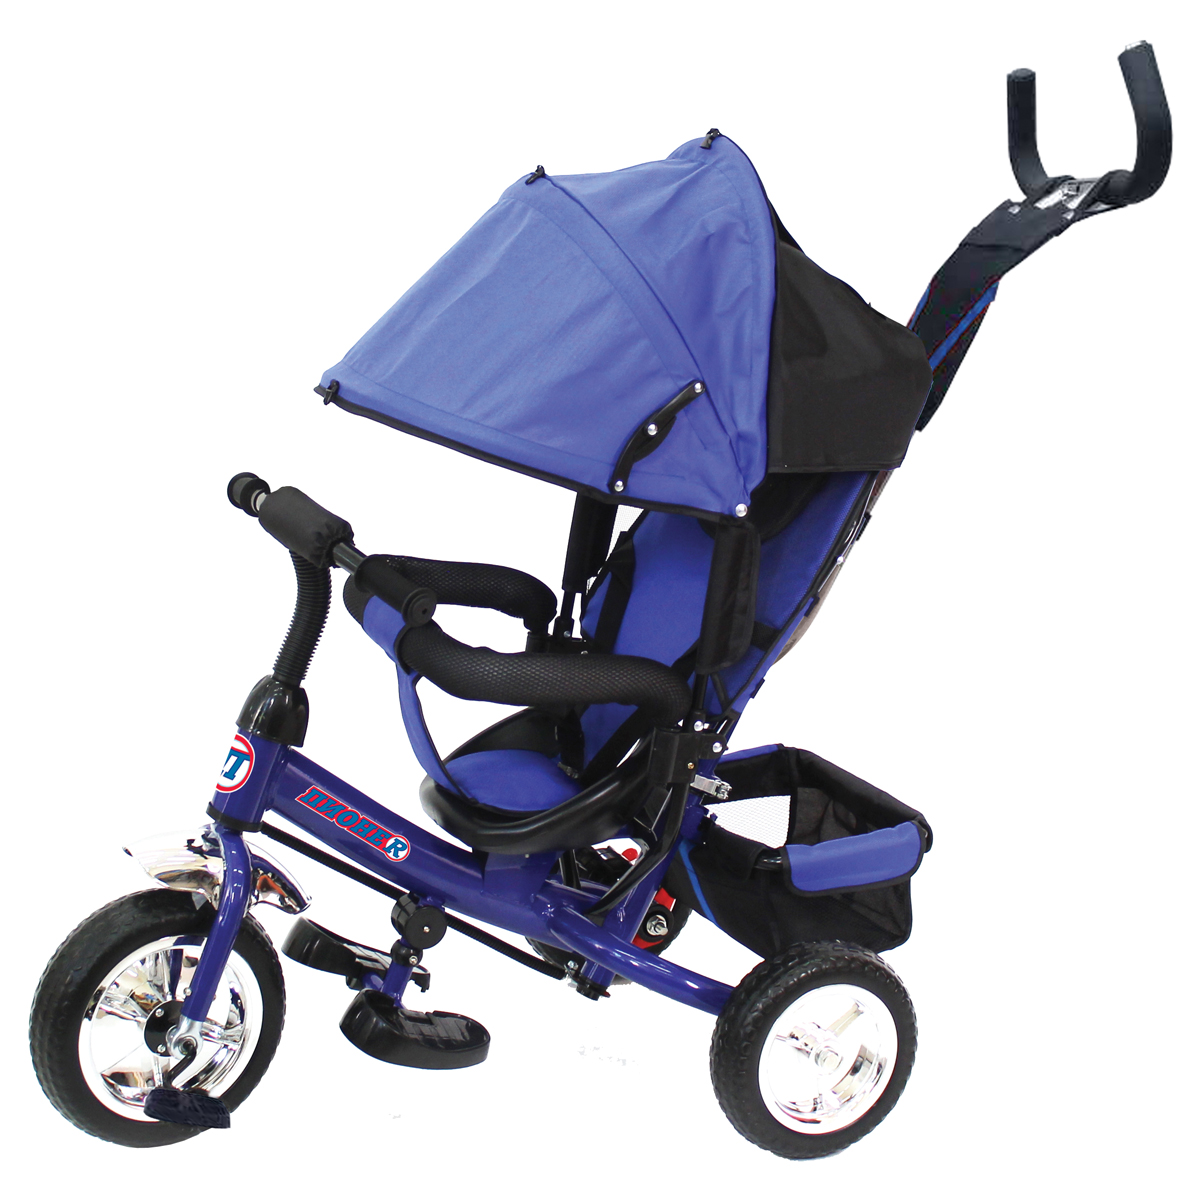 ПИОНЕR Велосипед трехколесный цвет синий P1B - Велосипеды-каталки